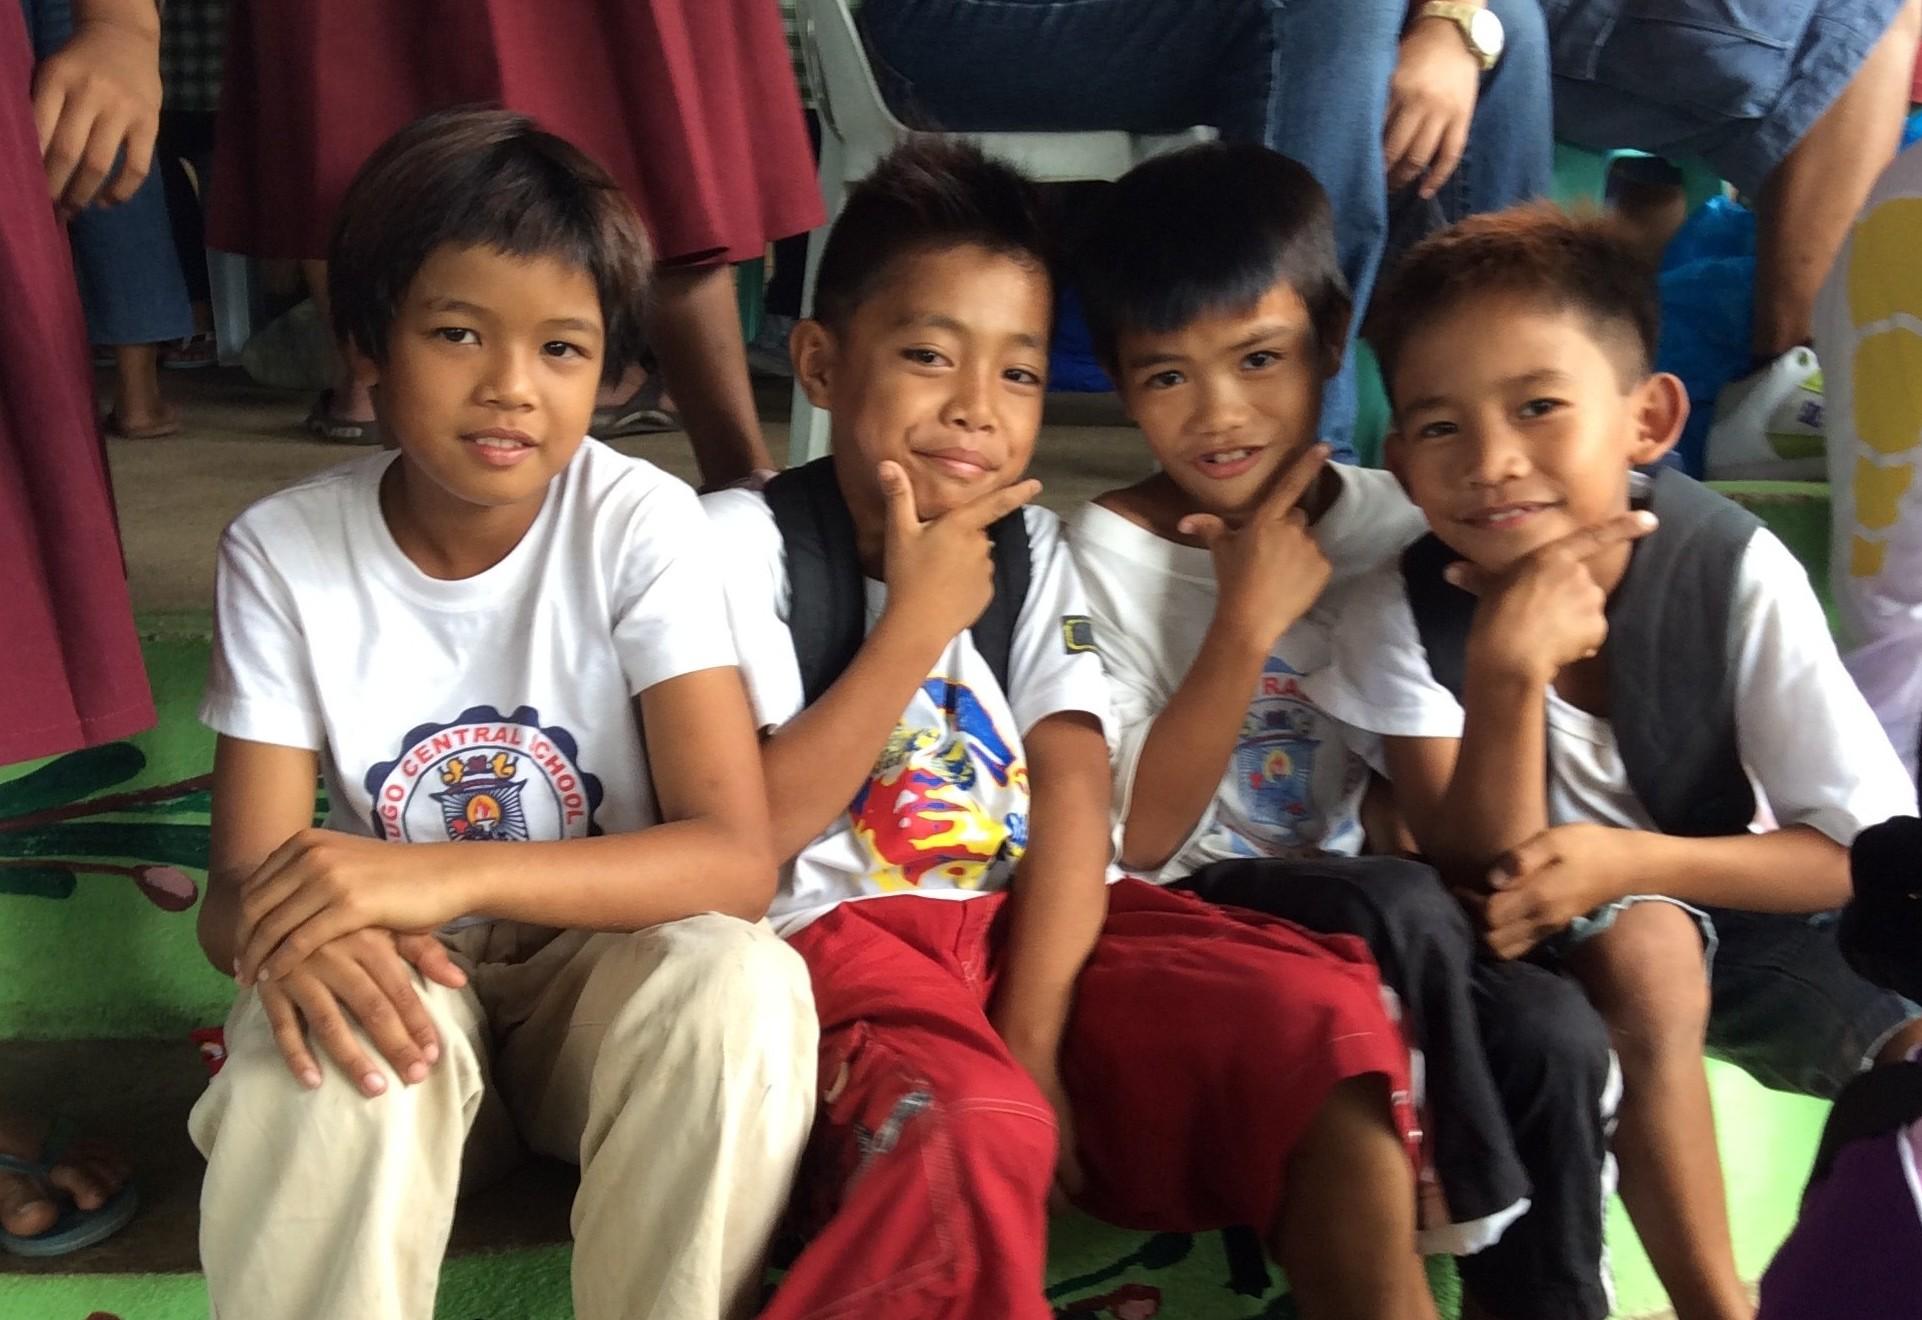 School boys enjoying their new supplies.